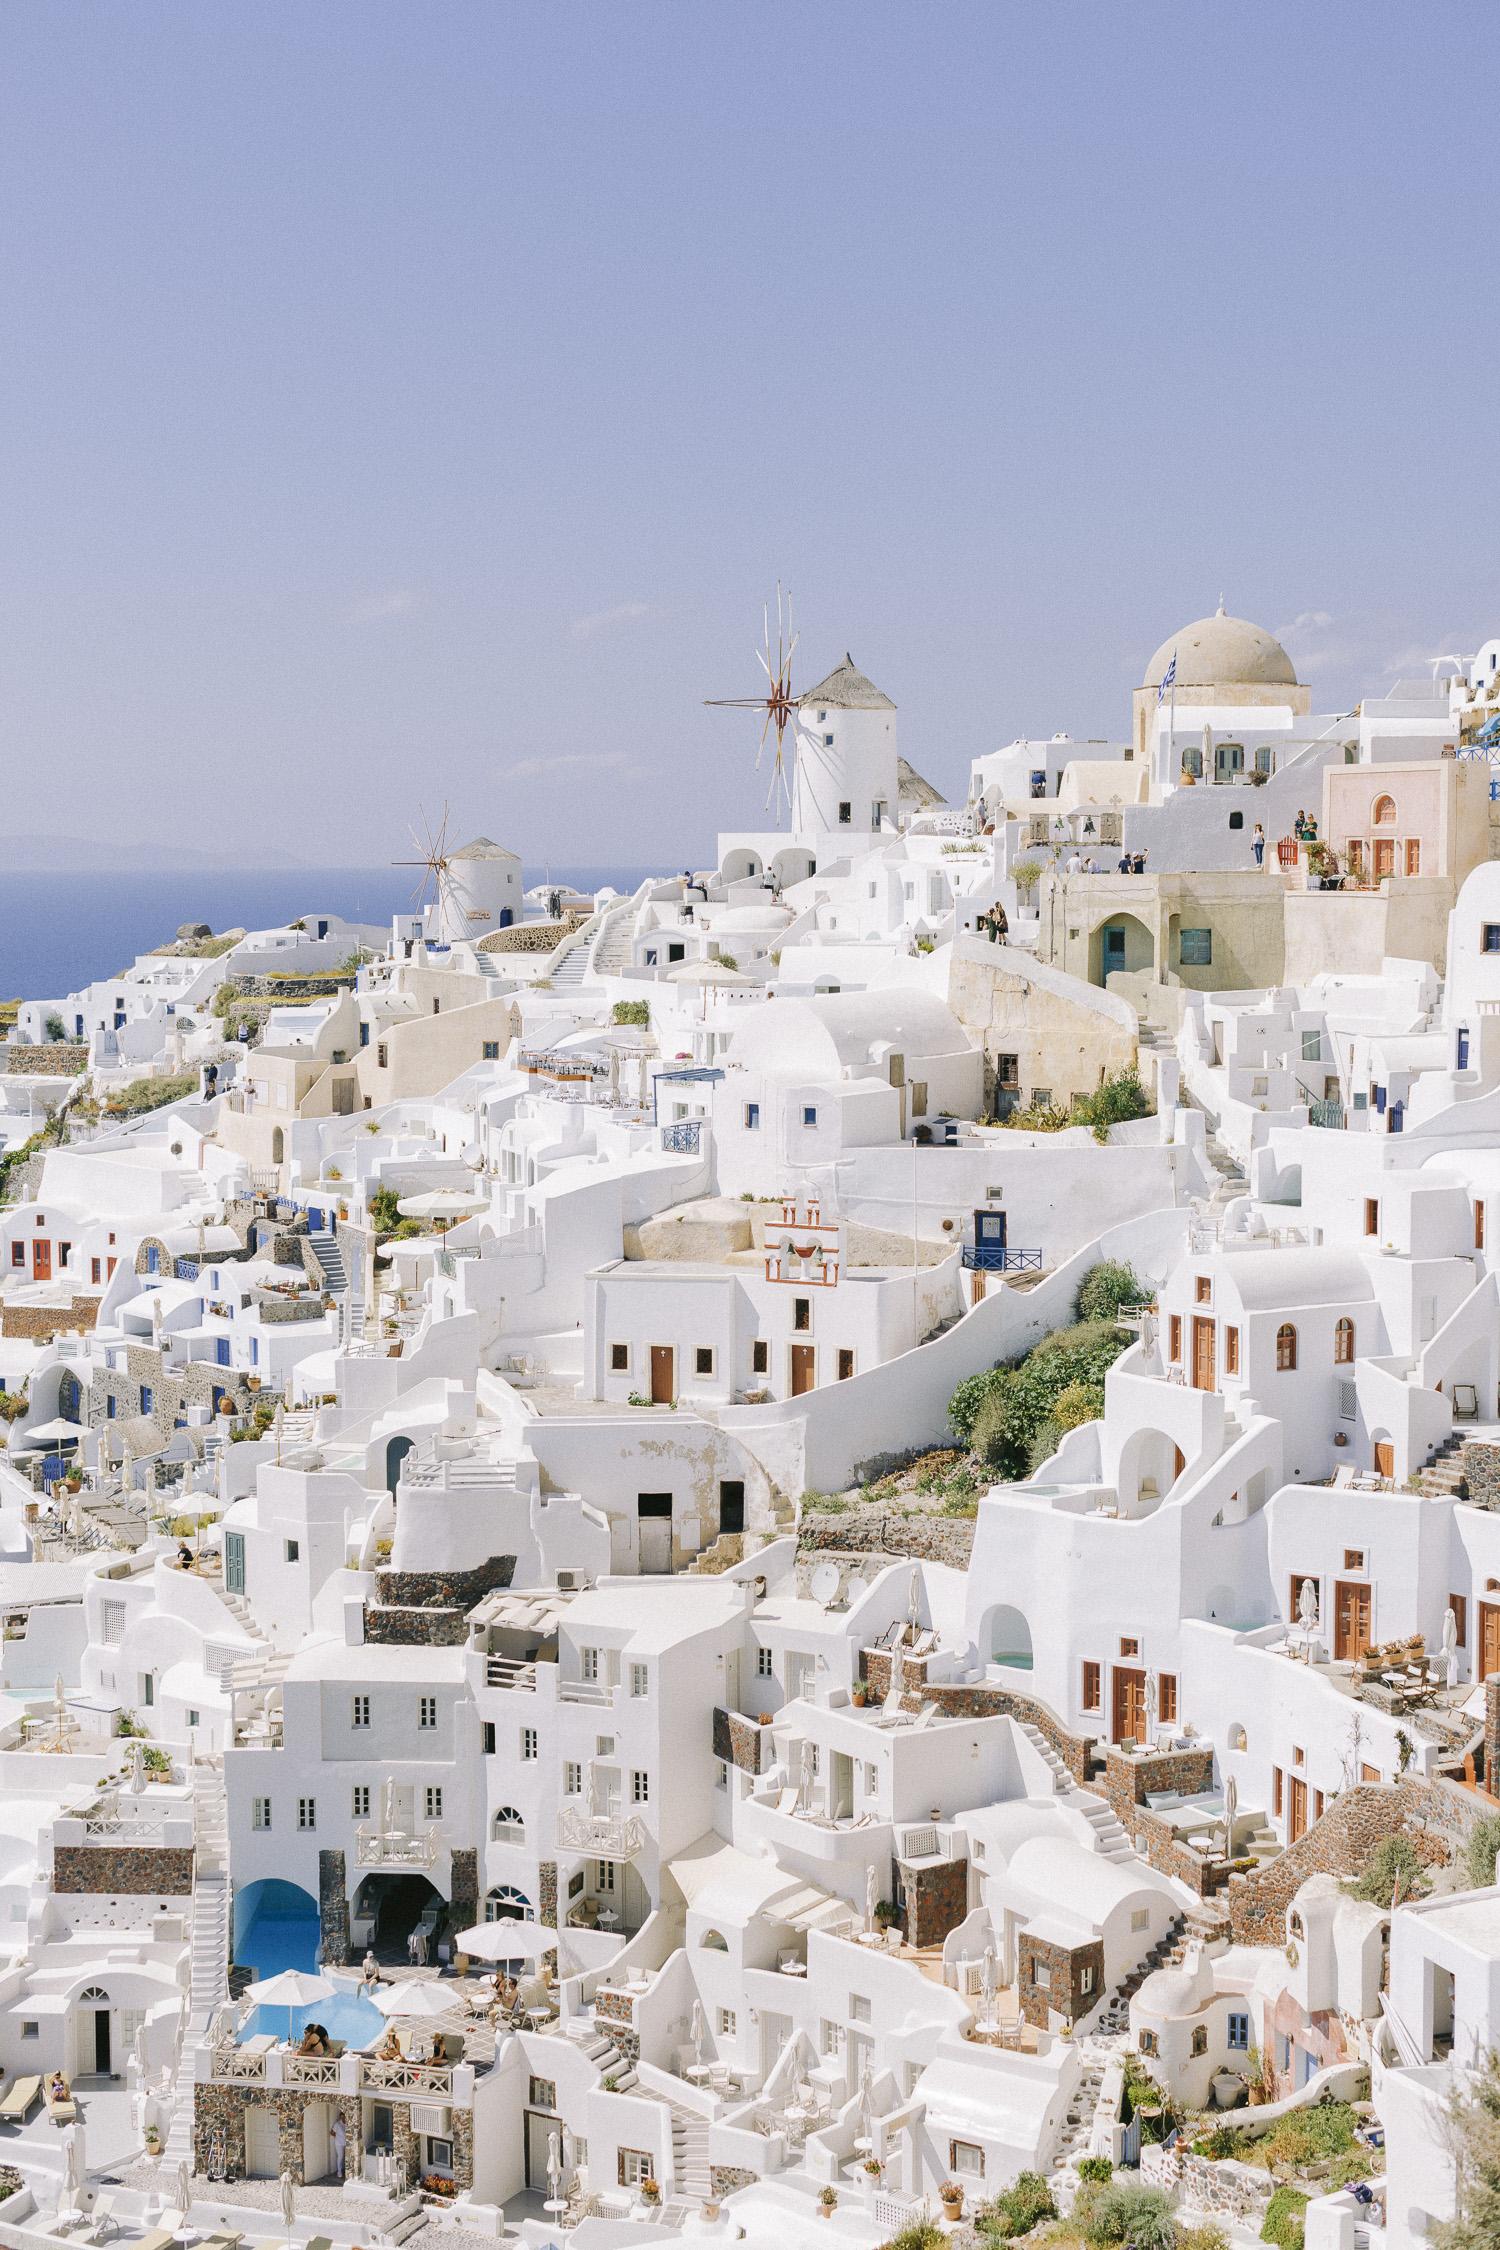 All white amazing view of stunning Santorini island